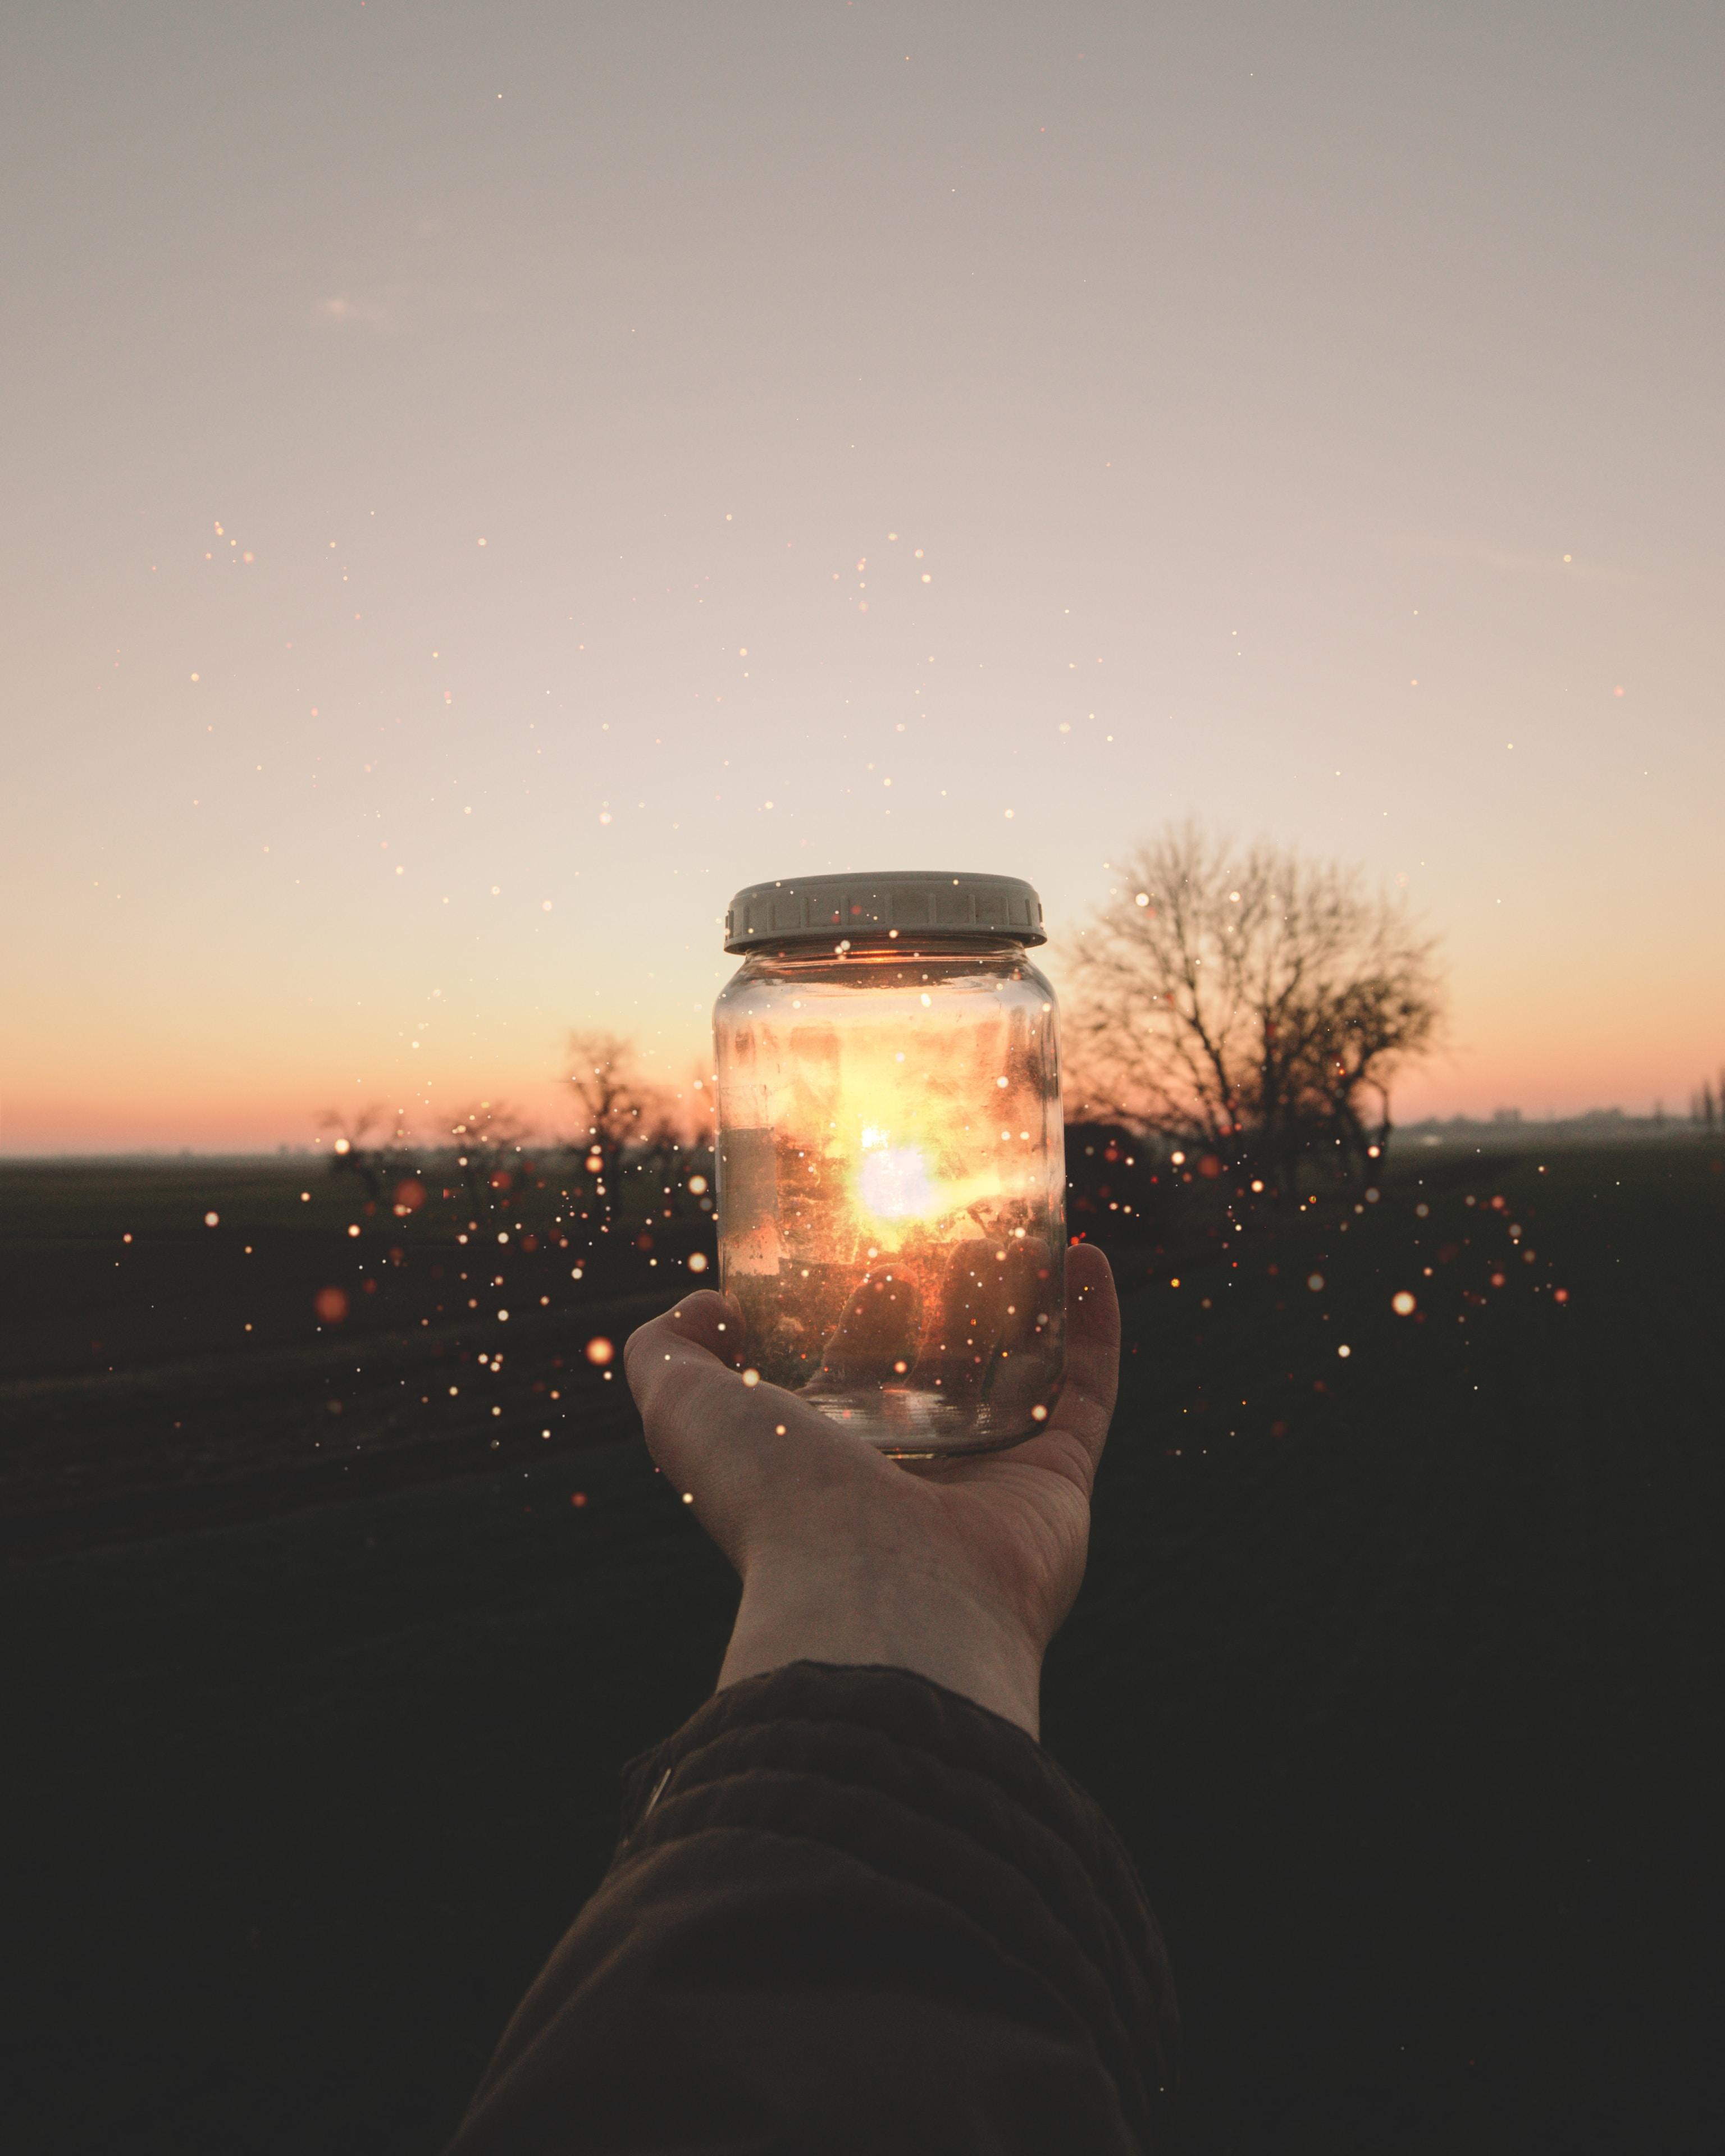 Bewusstsein f(o)ördern_Selbstreflexion